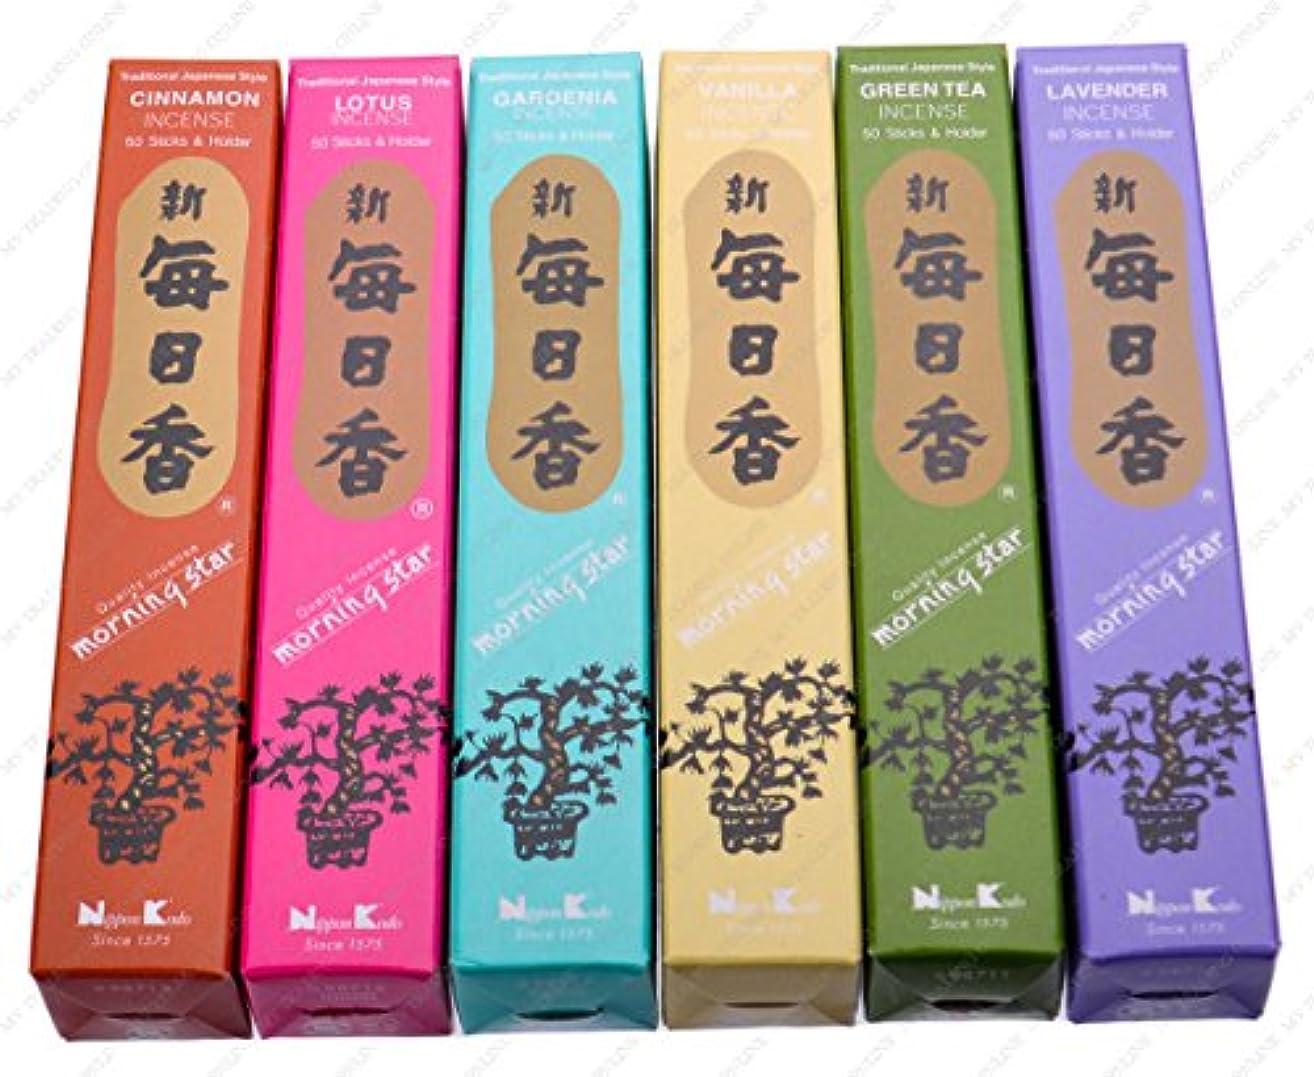 父方の国彼らのものNippon Kodo Morning Star 6新しい香り詰め合わせシナモン、ロータス、ガーデニア、バニラ、グリーンティー、、ラベンダー)